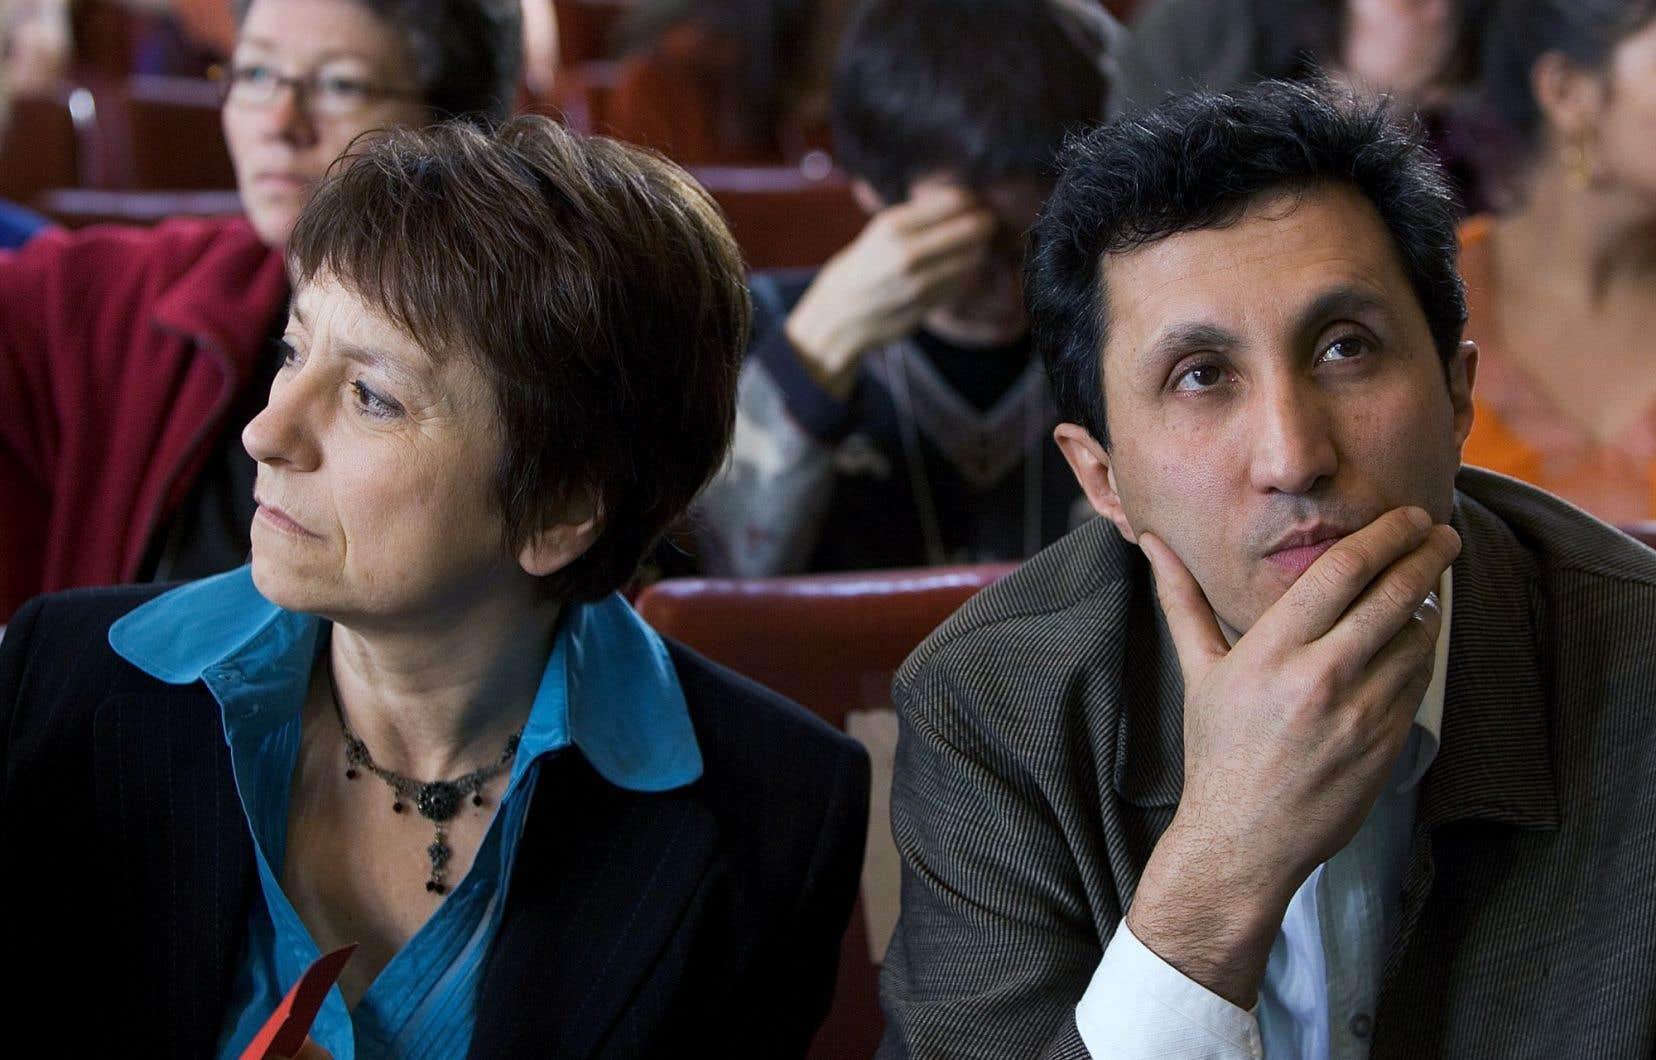 Françoise David et Amir Khadir en 2006, lors du congrès de fondation de Québec solidaire. Selon l'auteure, le parti vient de renier un des principes adoptés lors de ce congrès.